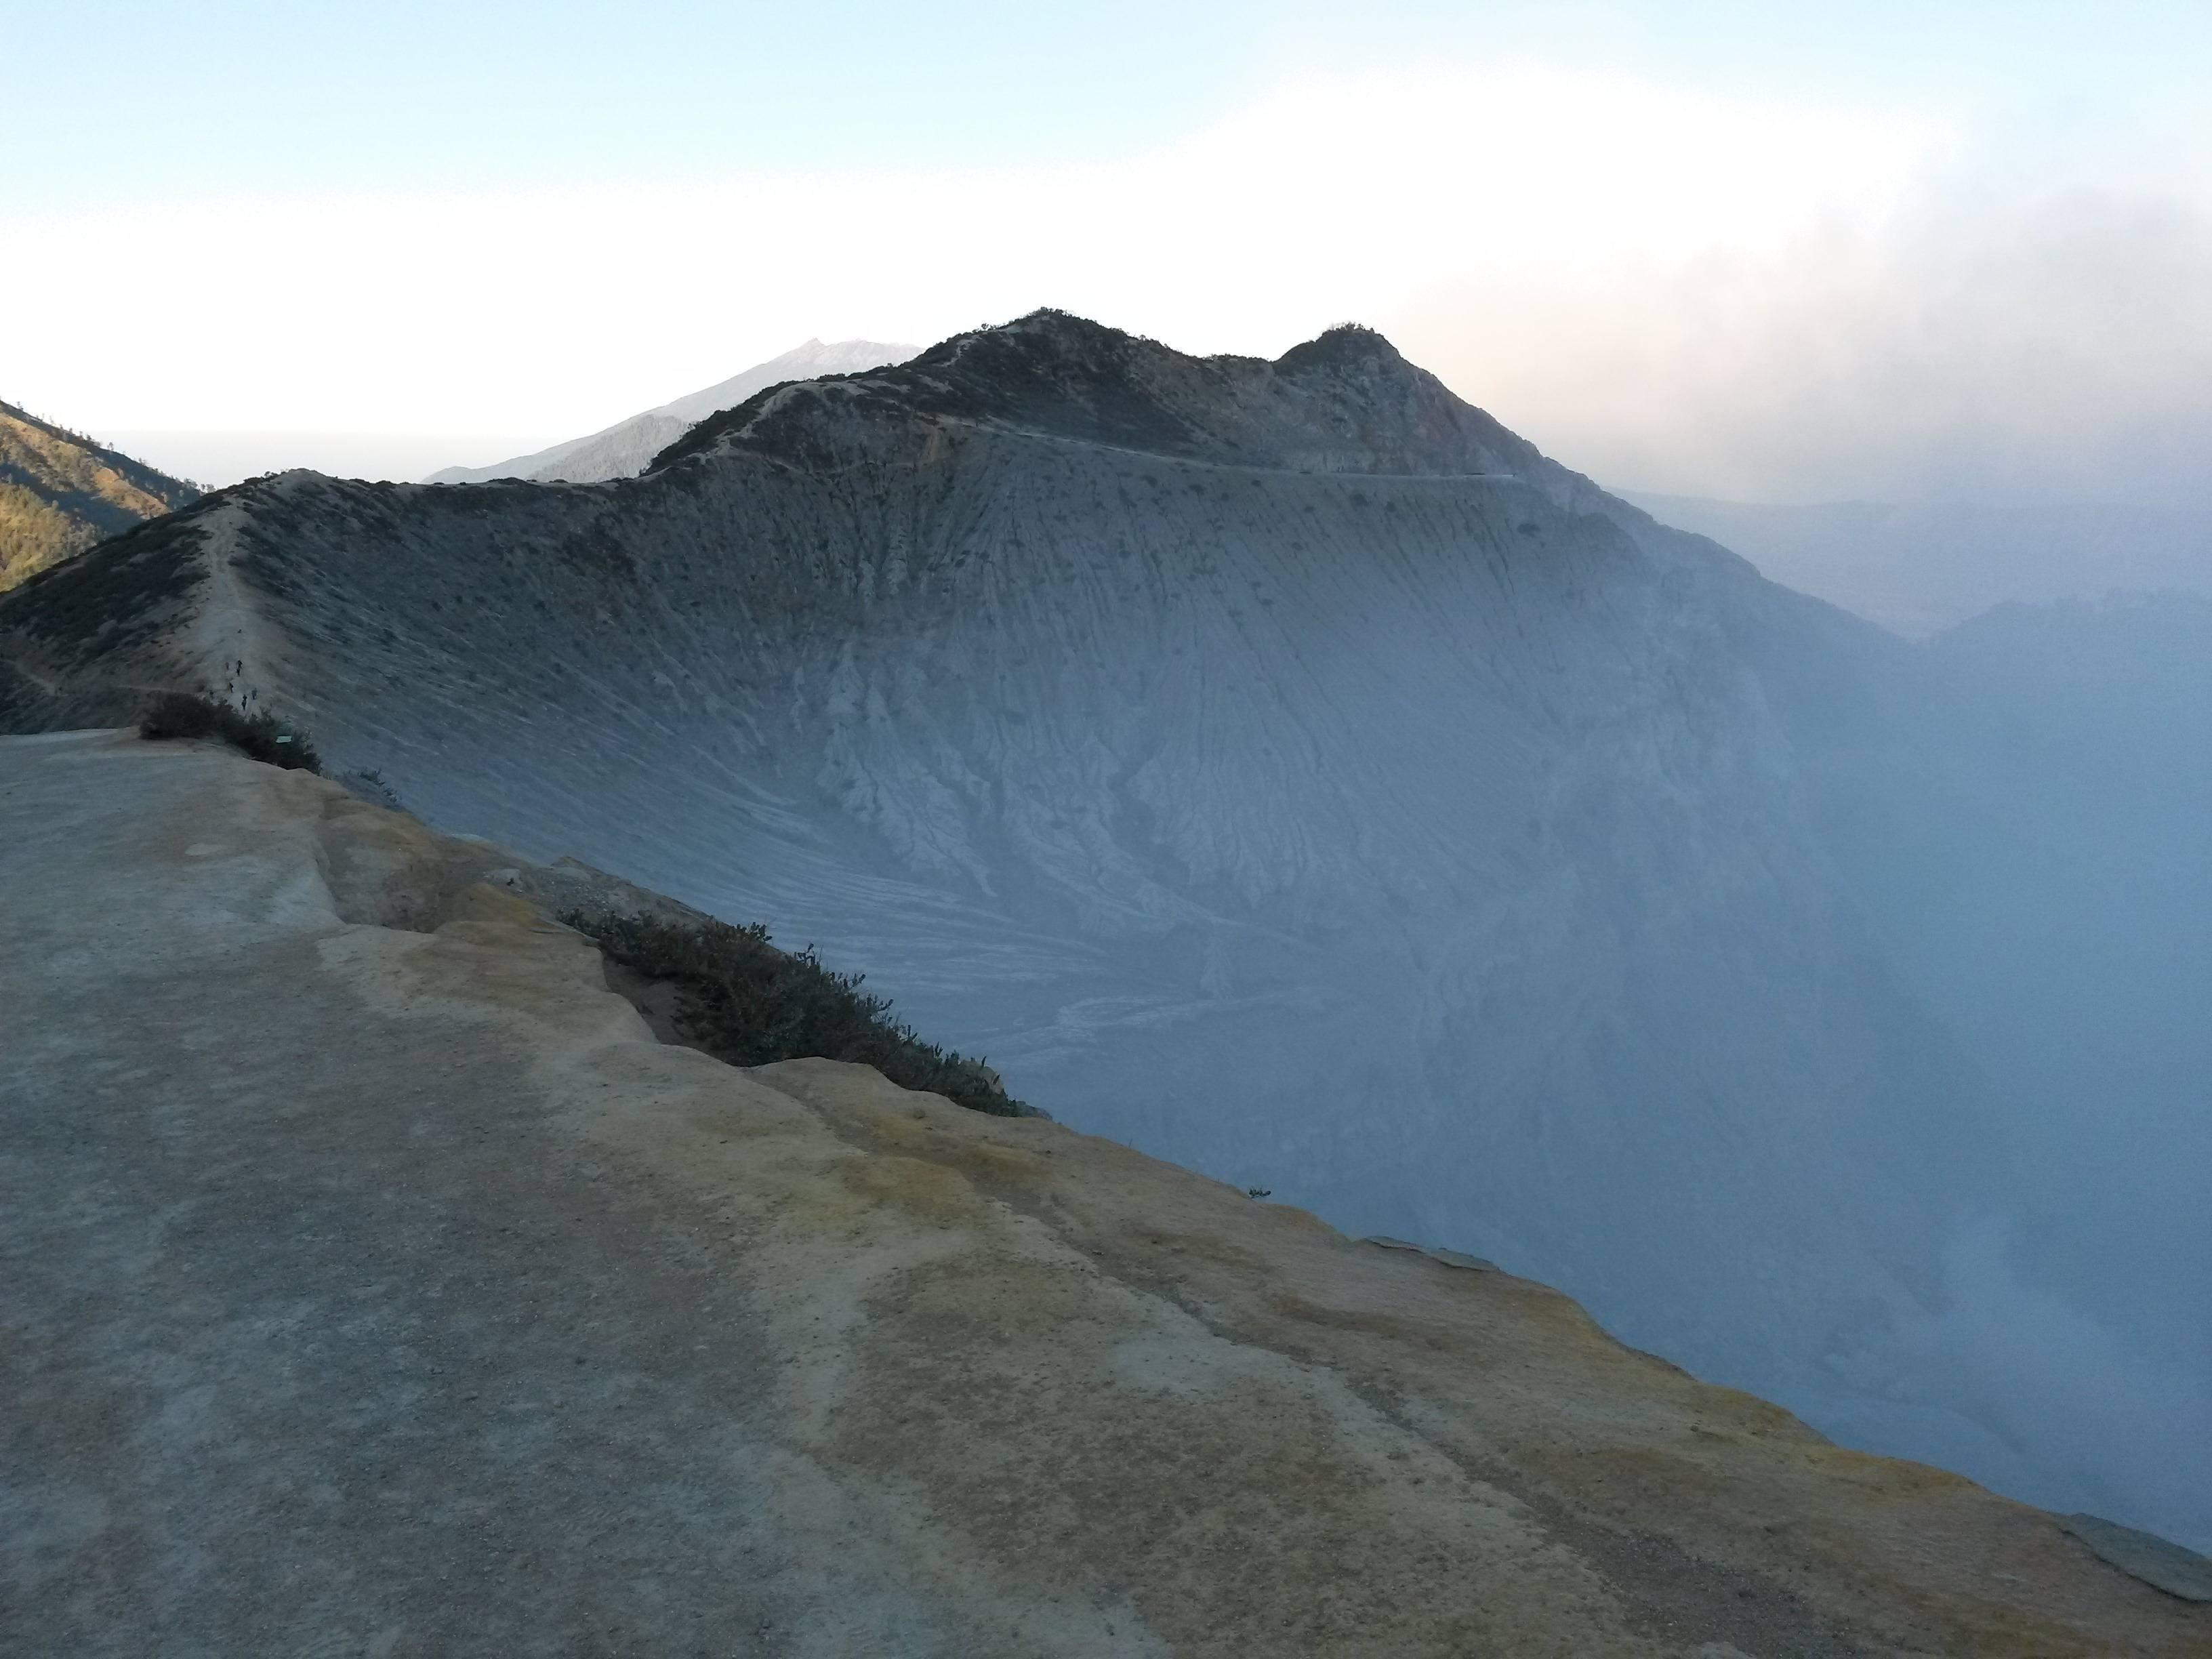 Photo 2: Le Kawah Ijen, une expérience unique.